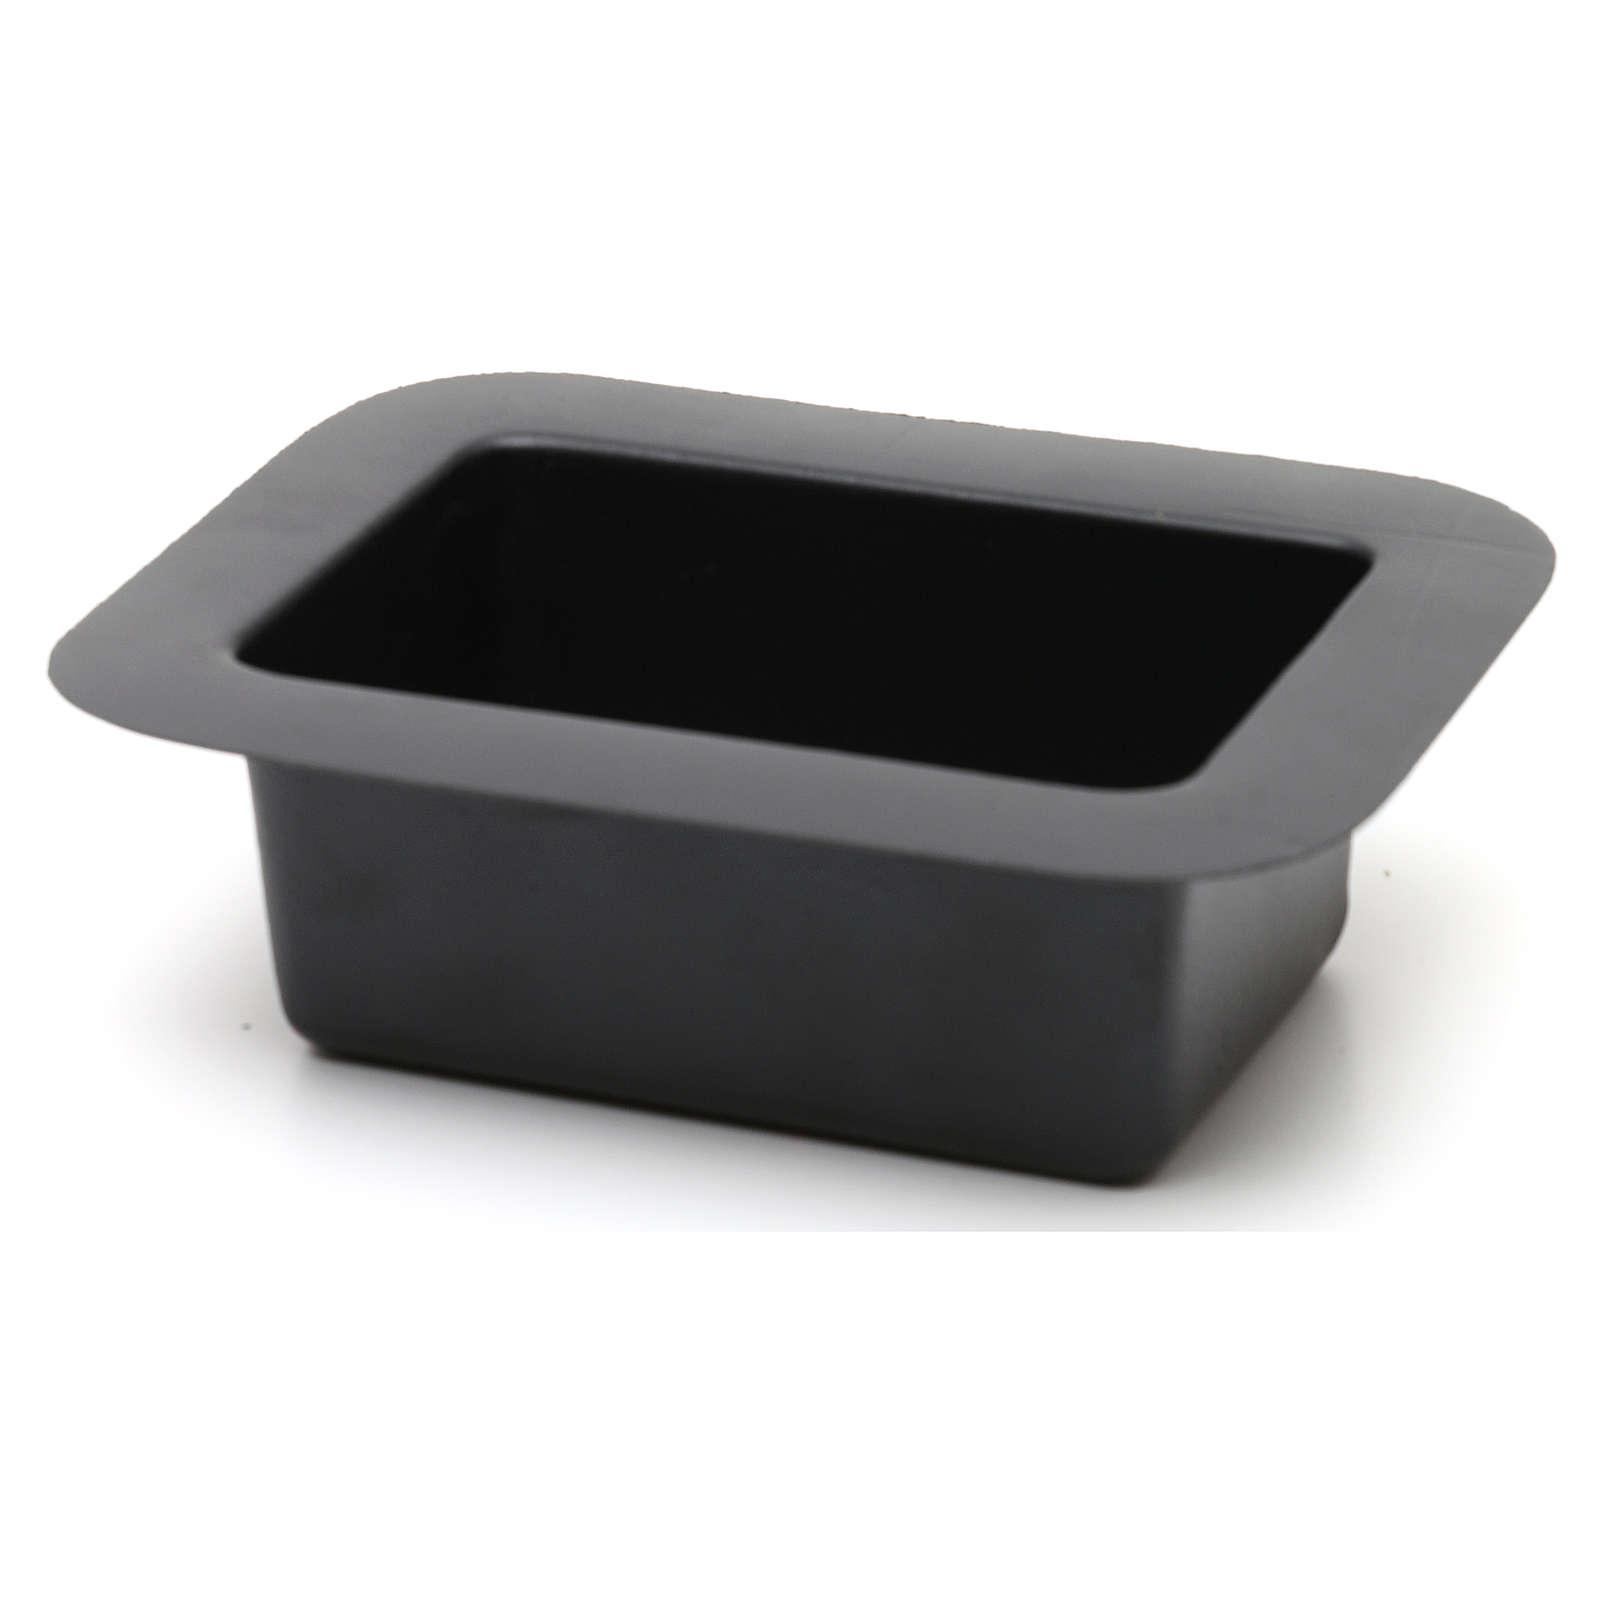 Petite bassine noire pour fontaine crèche 5x15x10 cm 4